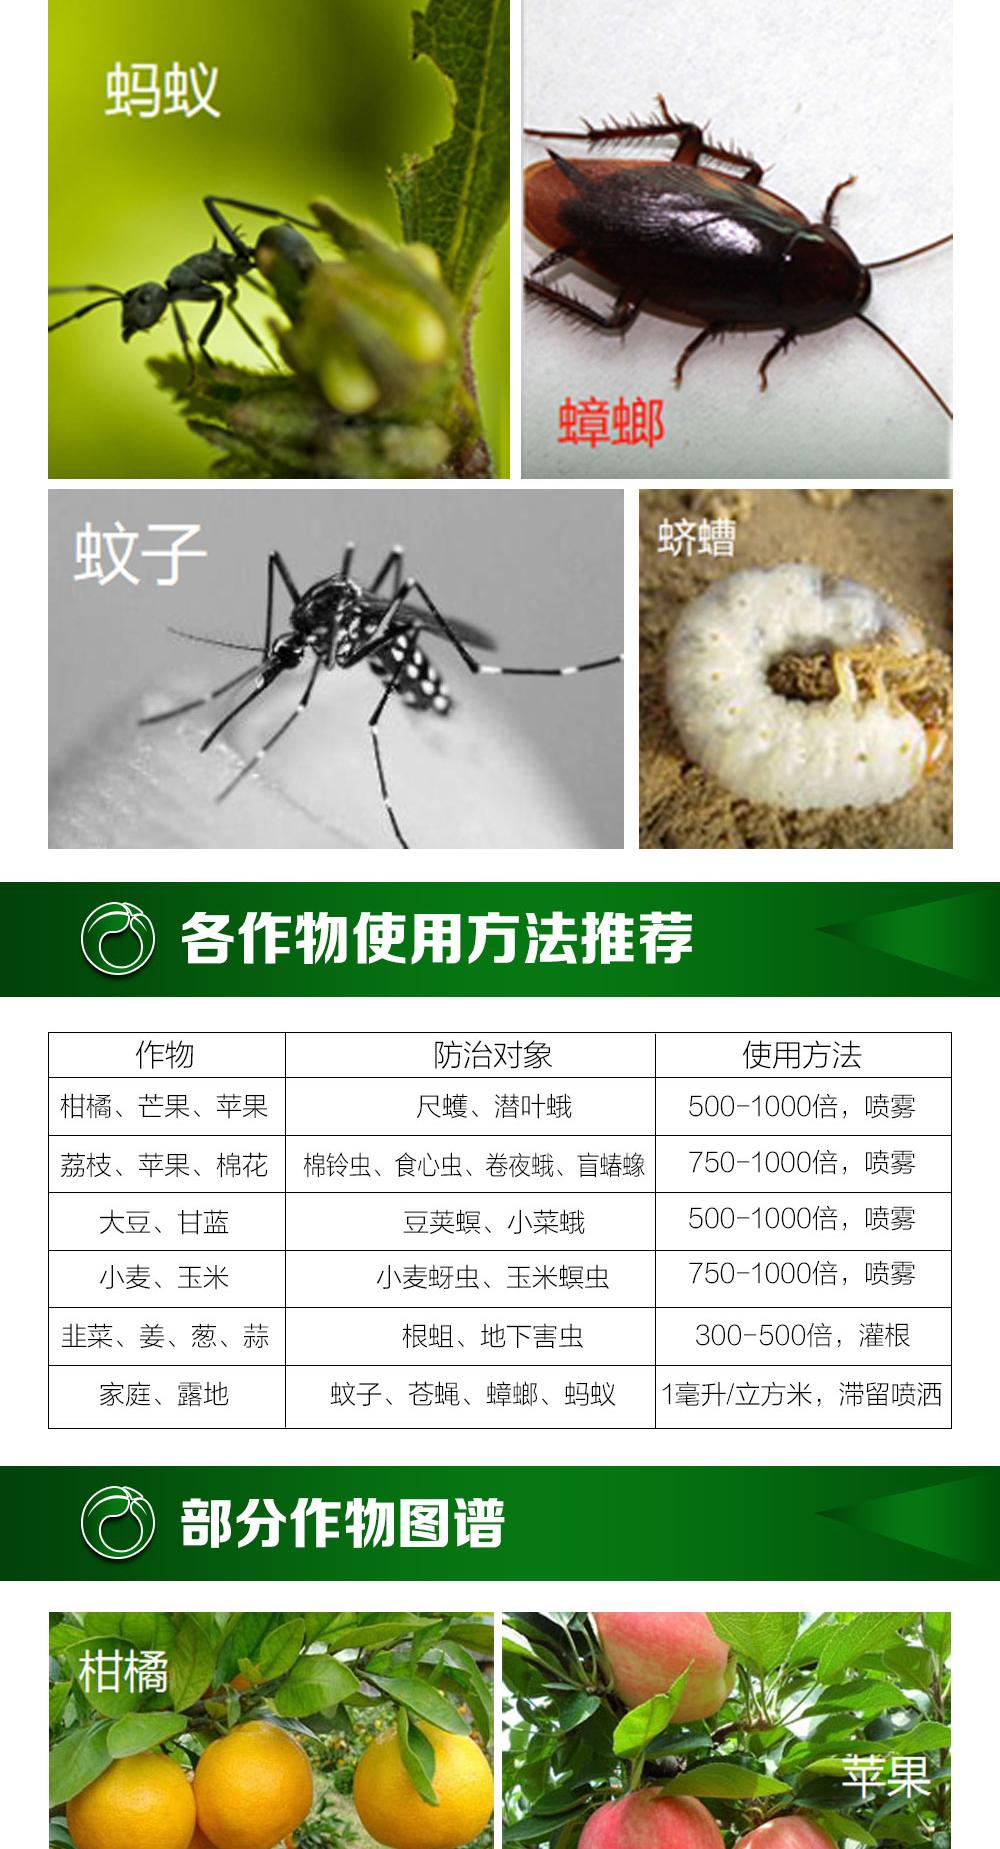 上海沪联红高氯4_04.jpg